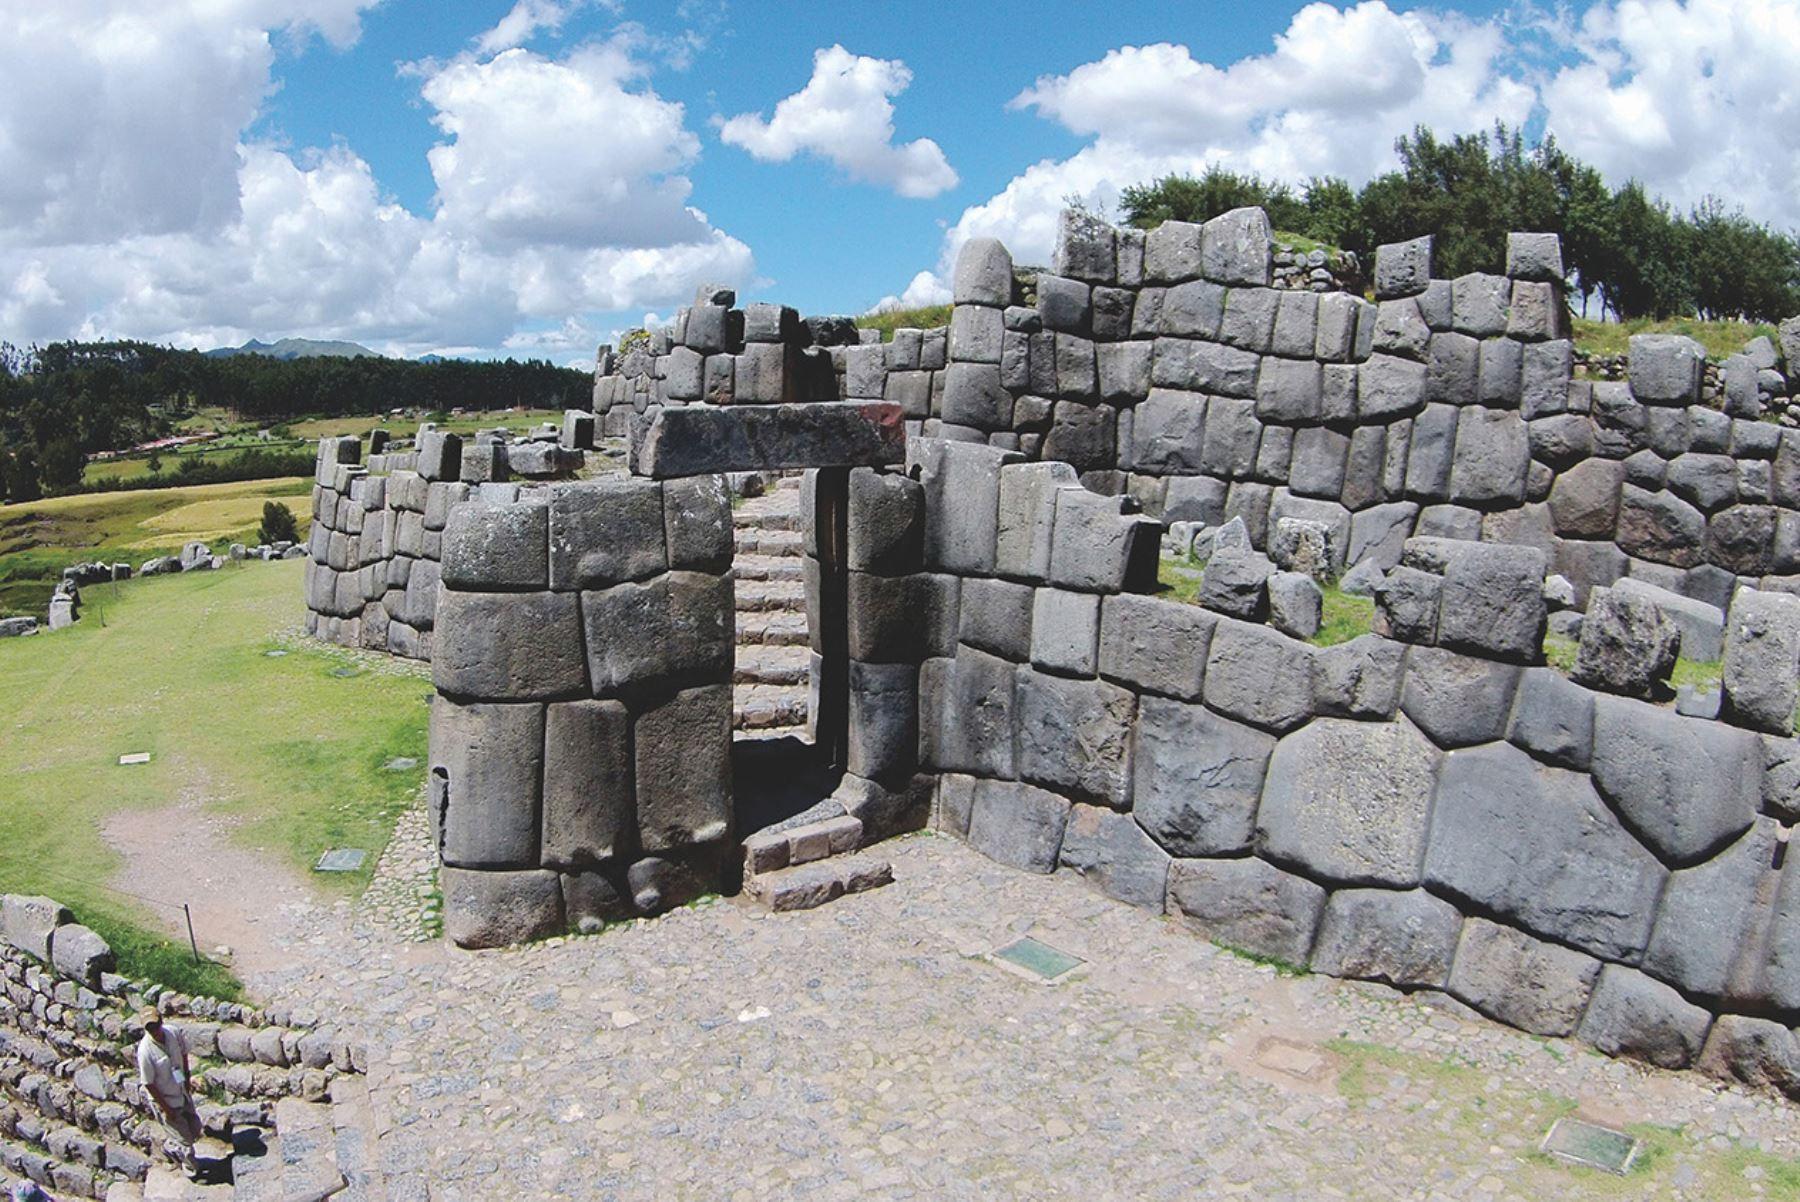 Sacsayhuamán es uno de los atractivos arqueológicos alternos a Machu Picchu más visitados de Cusco. ANDINA/Percy Hurtado Santillán